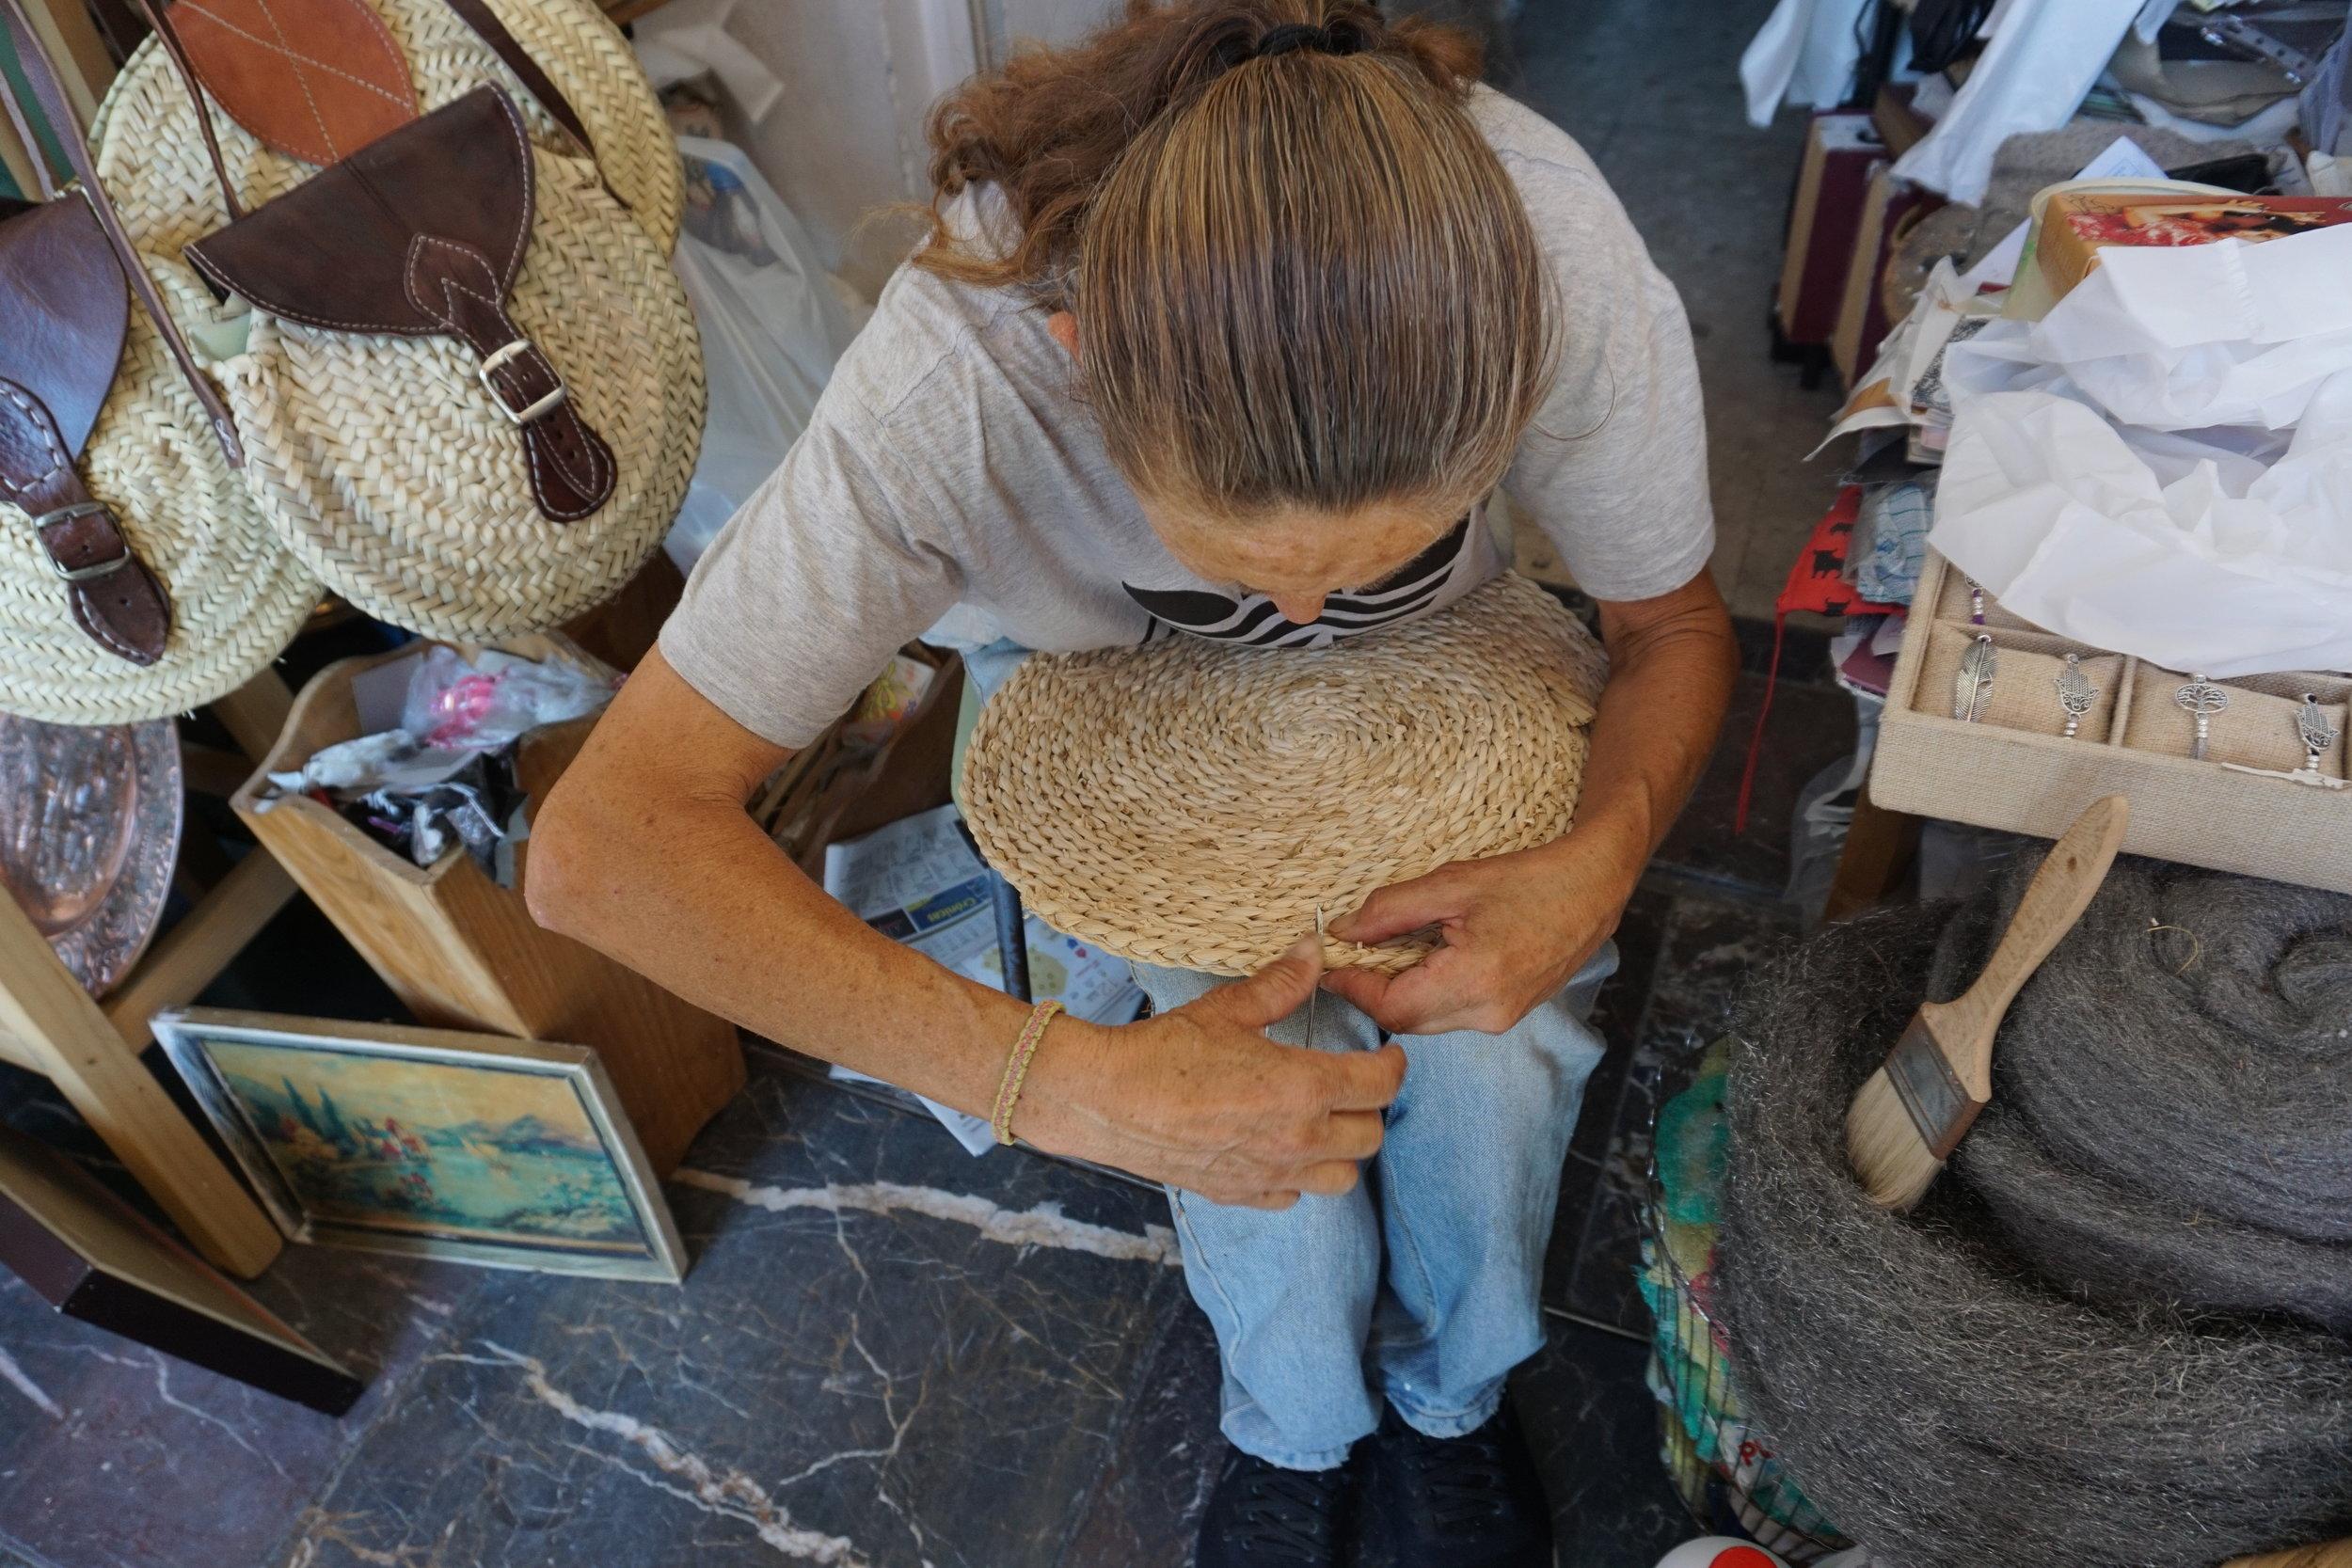 Erityisen ystävällinen myyjätär innostuu parsimaan ja viimeistelemään pöytätabletteja, jotka juuri päätän ostaa. Käsien liikekieli ja neulan käsittelytaito kertoo pitkäaikaisesta kokemuksesta. Plaza de la Corredera kokoaa yhteen aukion reunamille joukon vanhan tavaran myyjiä.